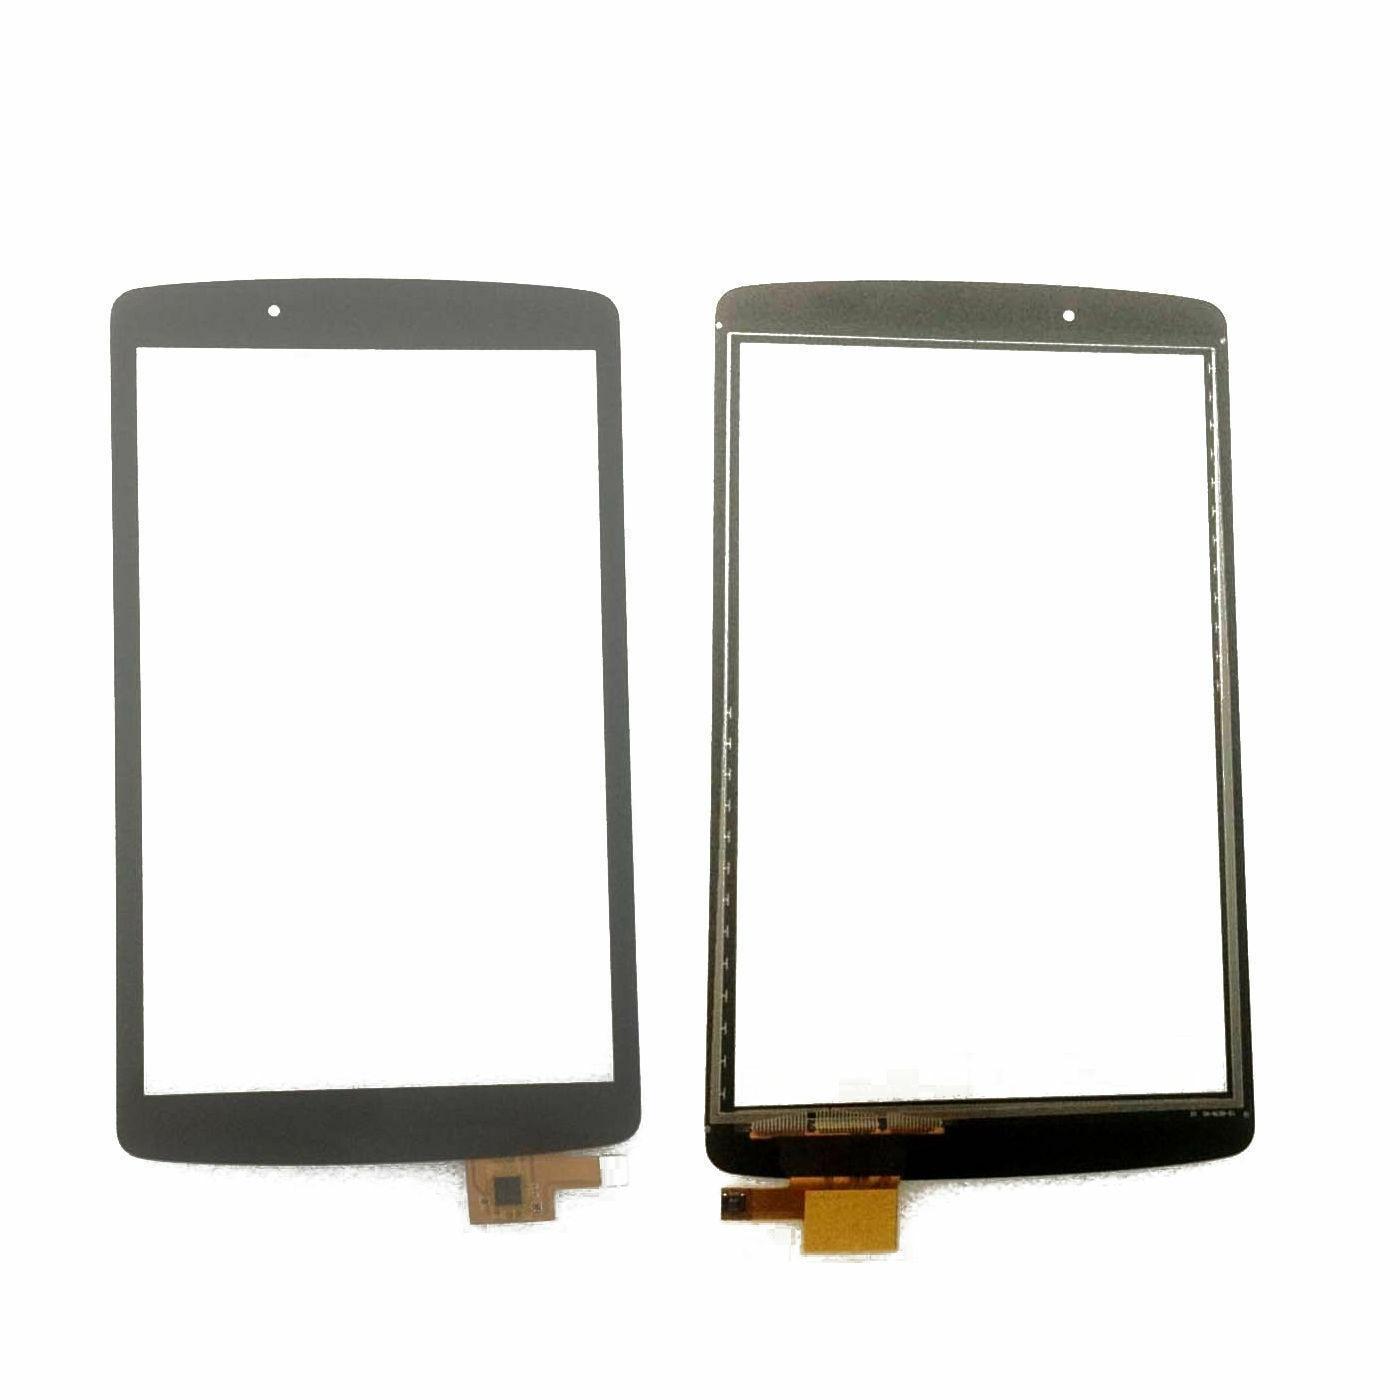 LPPLY New For LG G Pad V498 Touch Screen Digitizer Glass+ 8.0 V495 V496 V498 UK495